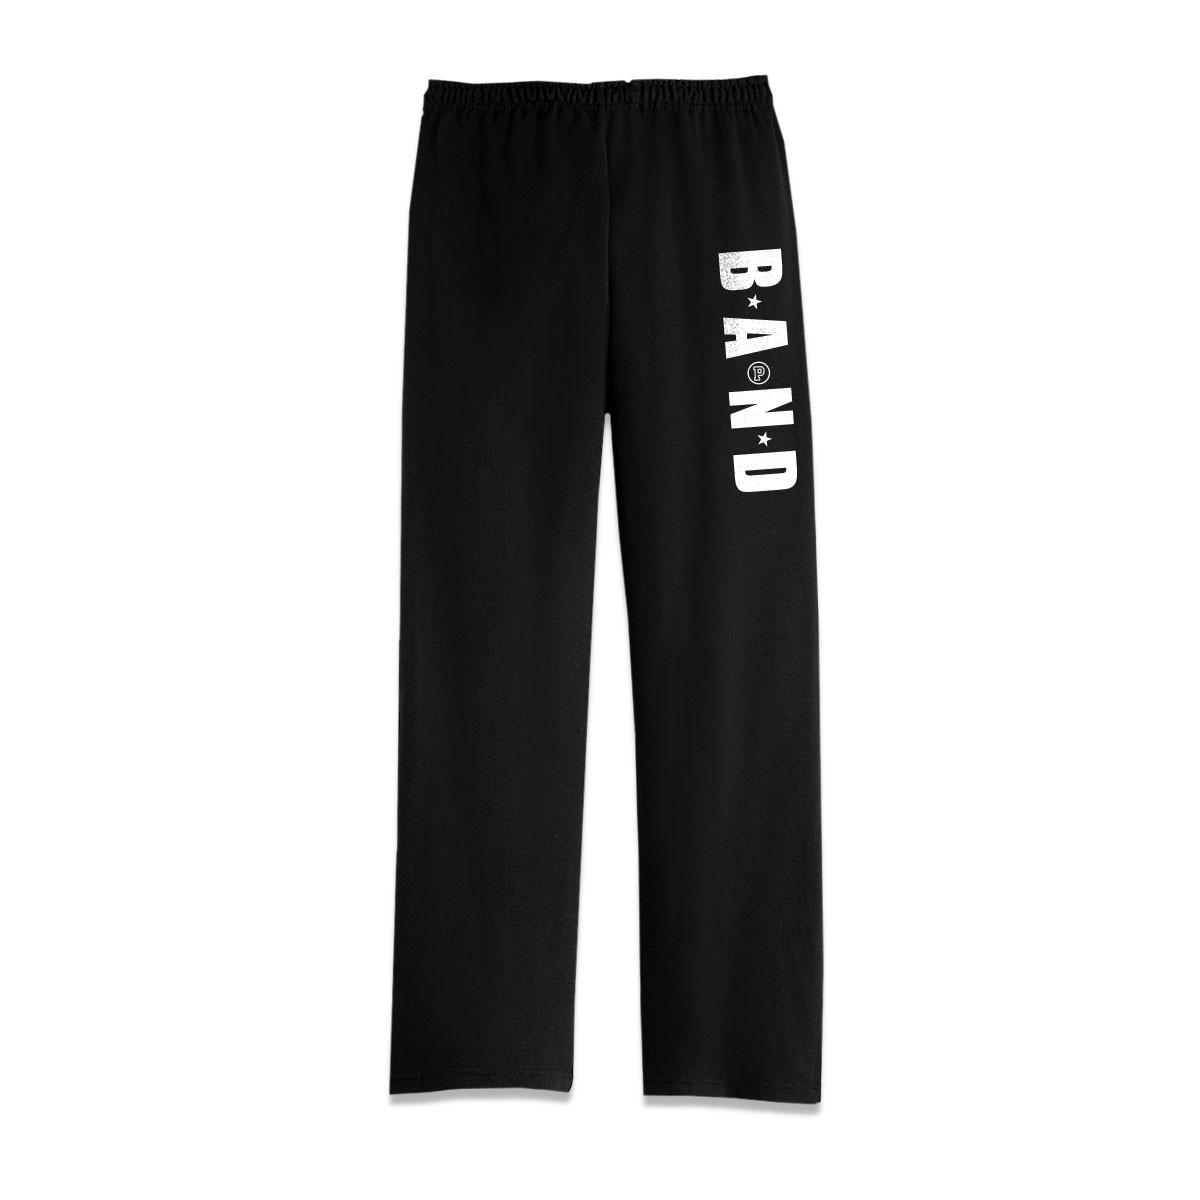 Band Pants